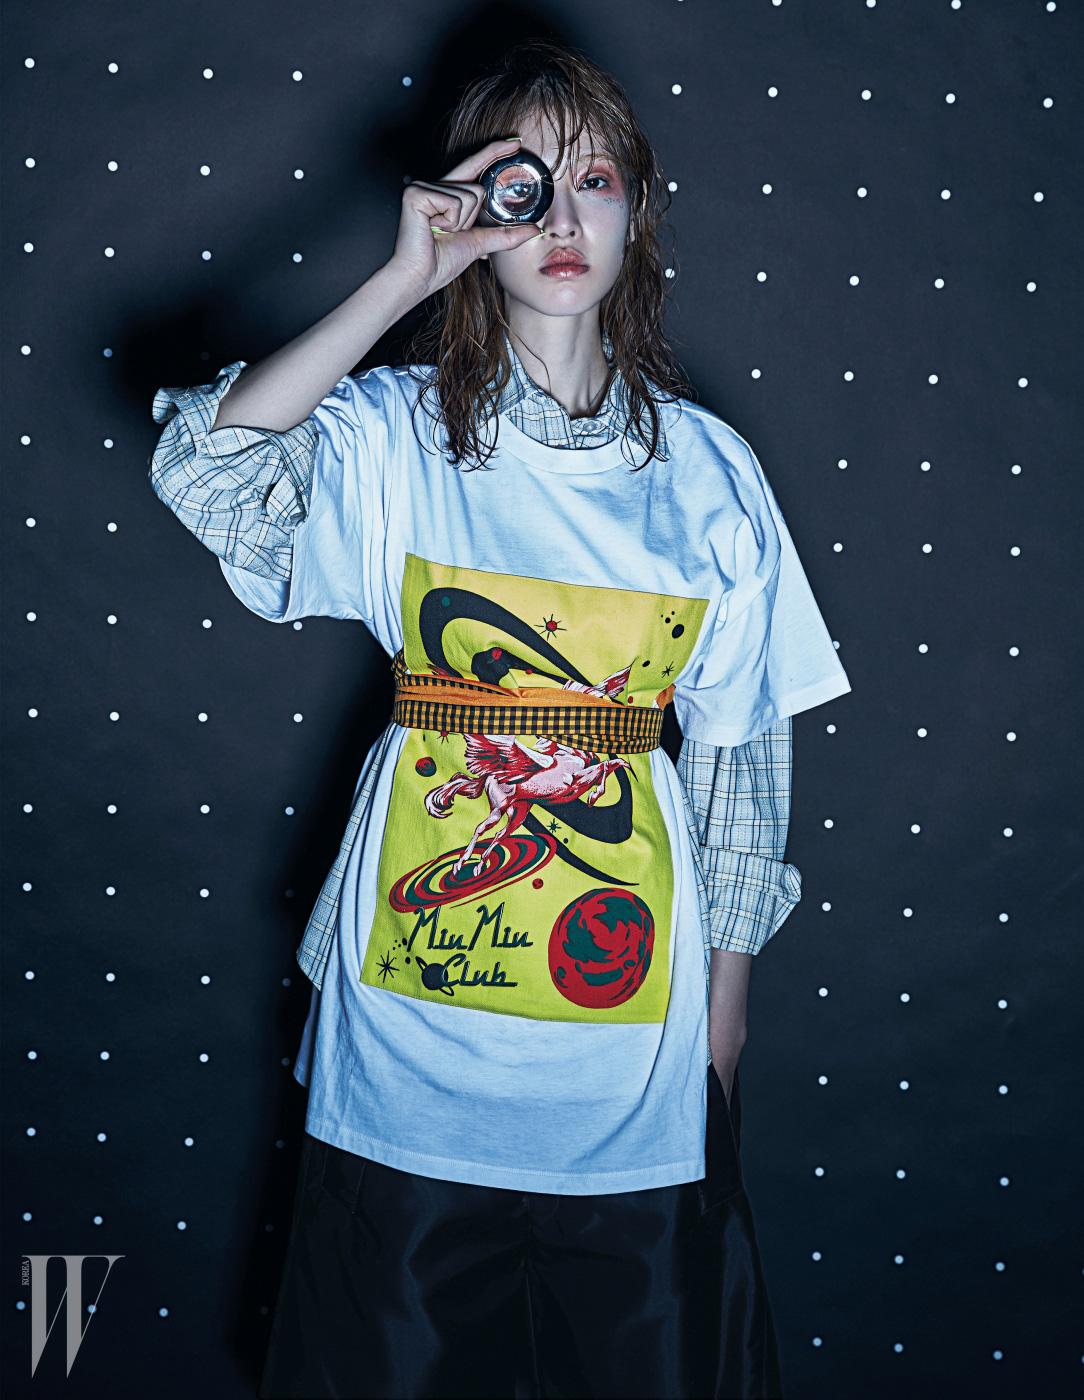 레이어드해 연출한 셔츠와 우주의 모습을 표현한 미우미우 클럽 프린트 티셔츠, 스커트와 벨트는 모두 Miu Miu 제품.